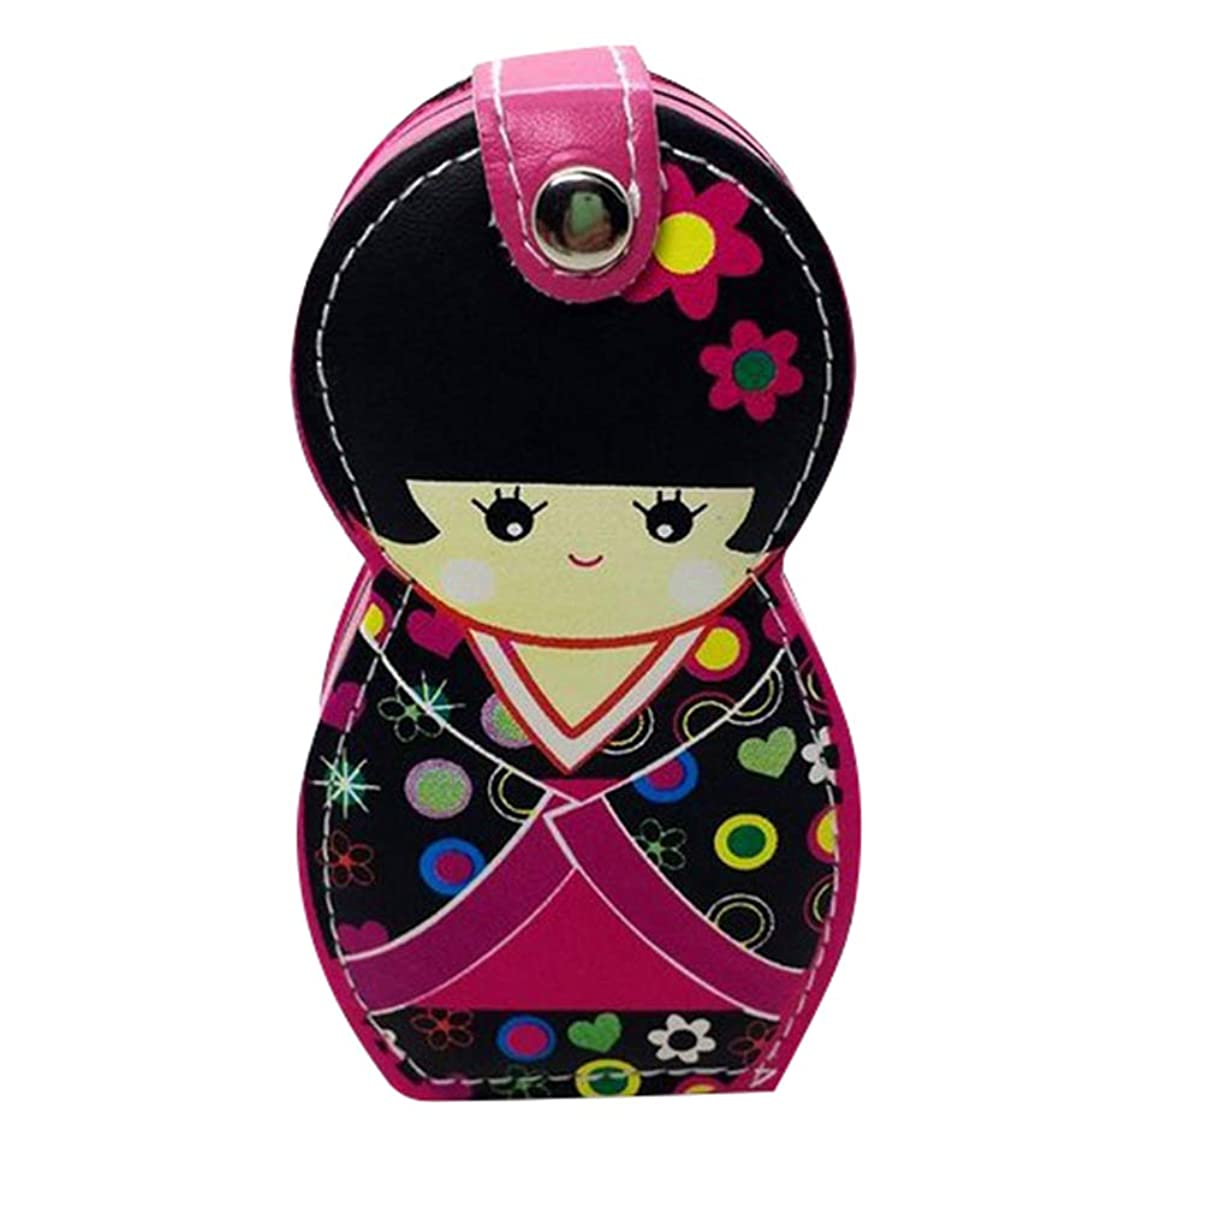 故国風邪をひくアコーHongma ネイルケアセット マニキュアセット 可愛い 日本人形 ロシア人形 グルーミングキット 爪やすり 爪切りセット 携帯便利 収納ケース付き (日本人形ピンク)